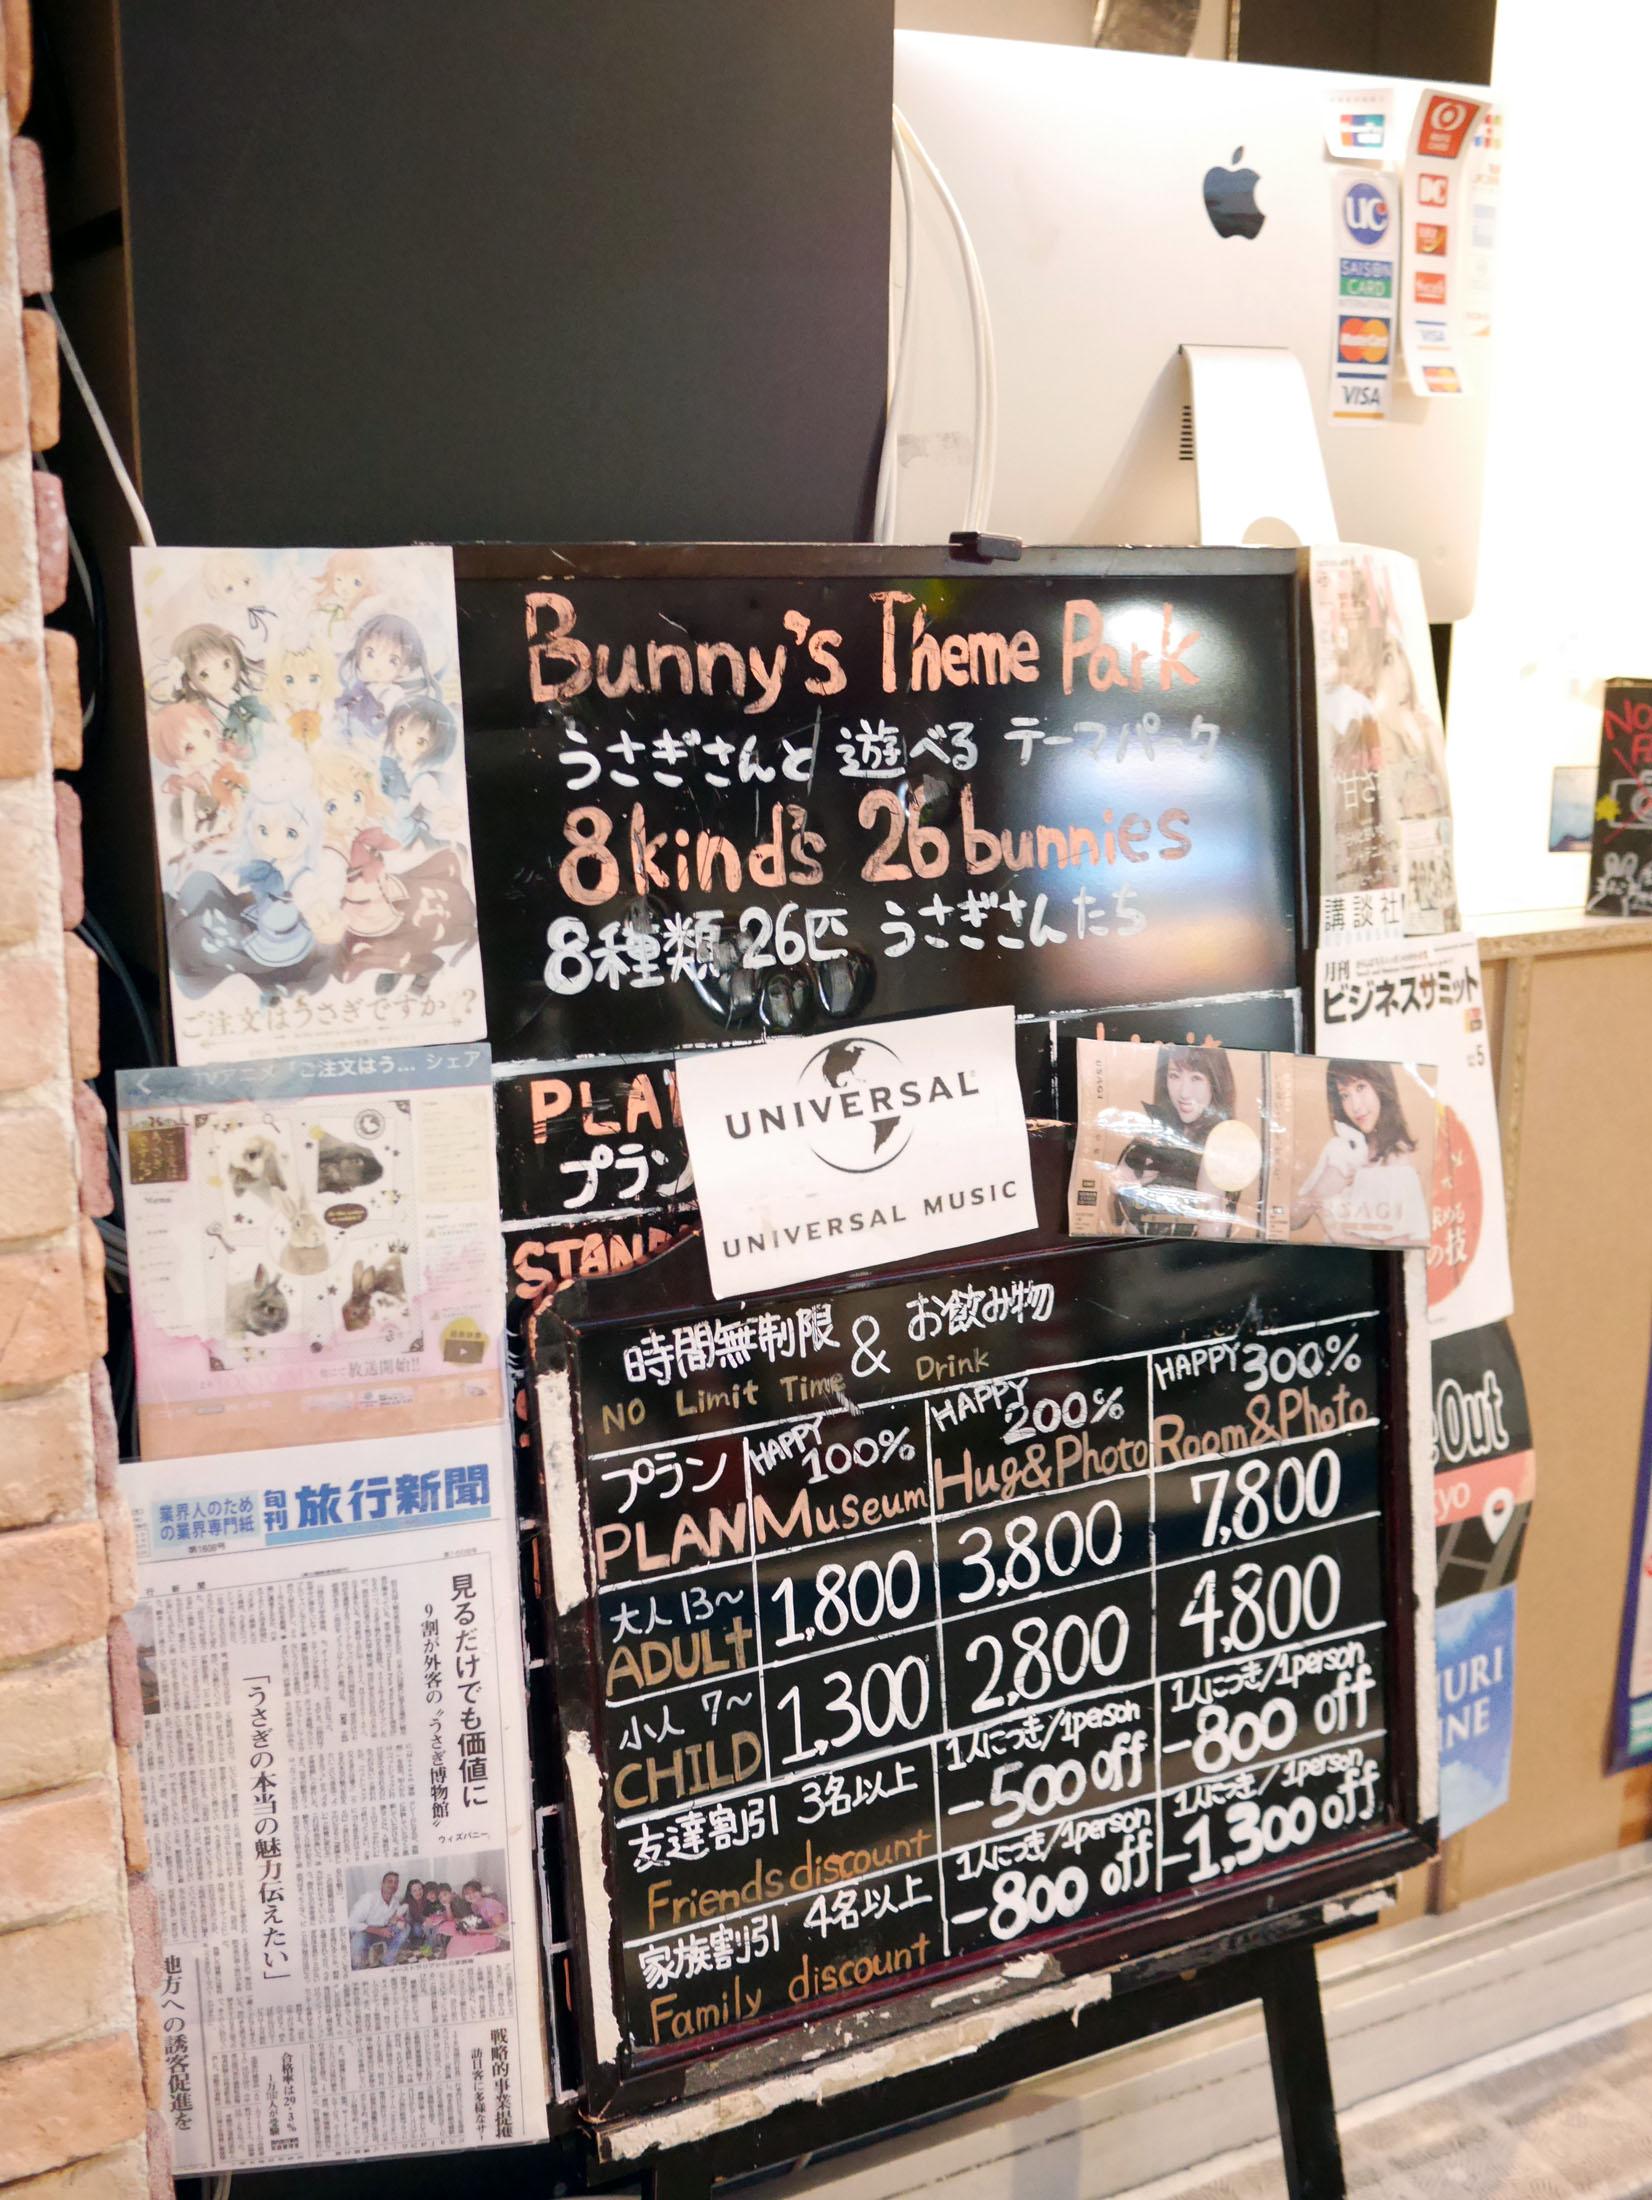 Pela bagatela de 38 dólares você pode tomar um café enquanto acaricia coelhos de marcas diversas!! Existem outros cafés semelhantes com coelhos, e até porco-espinhos!!